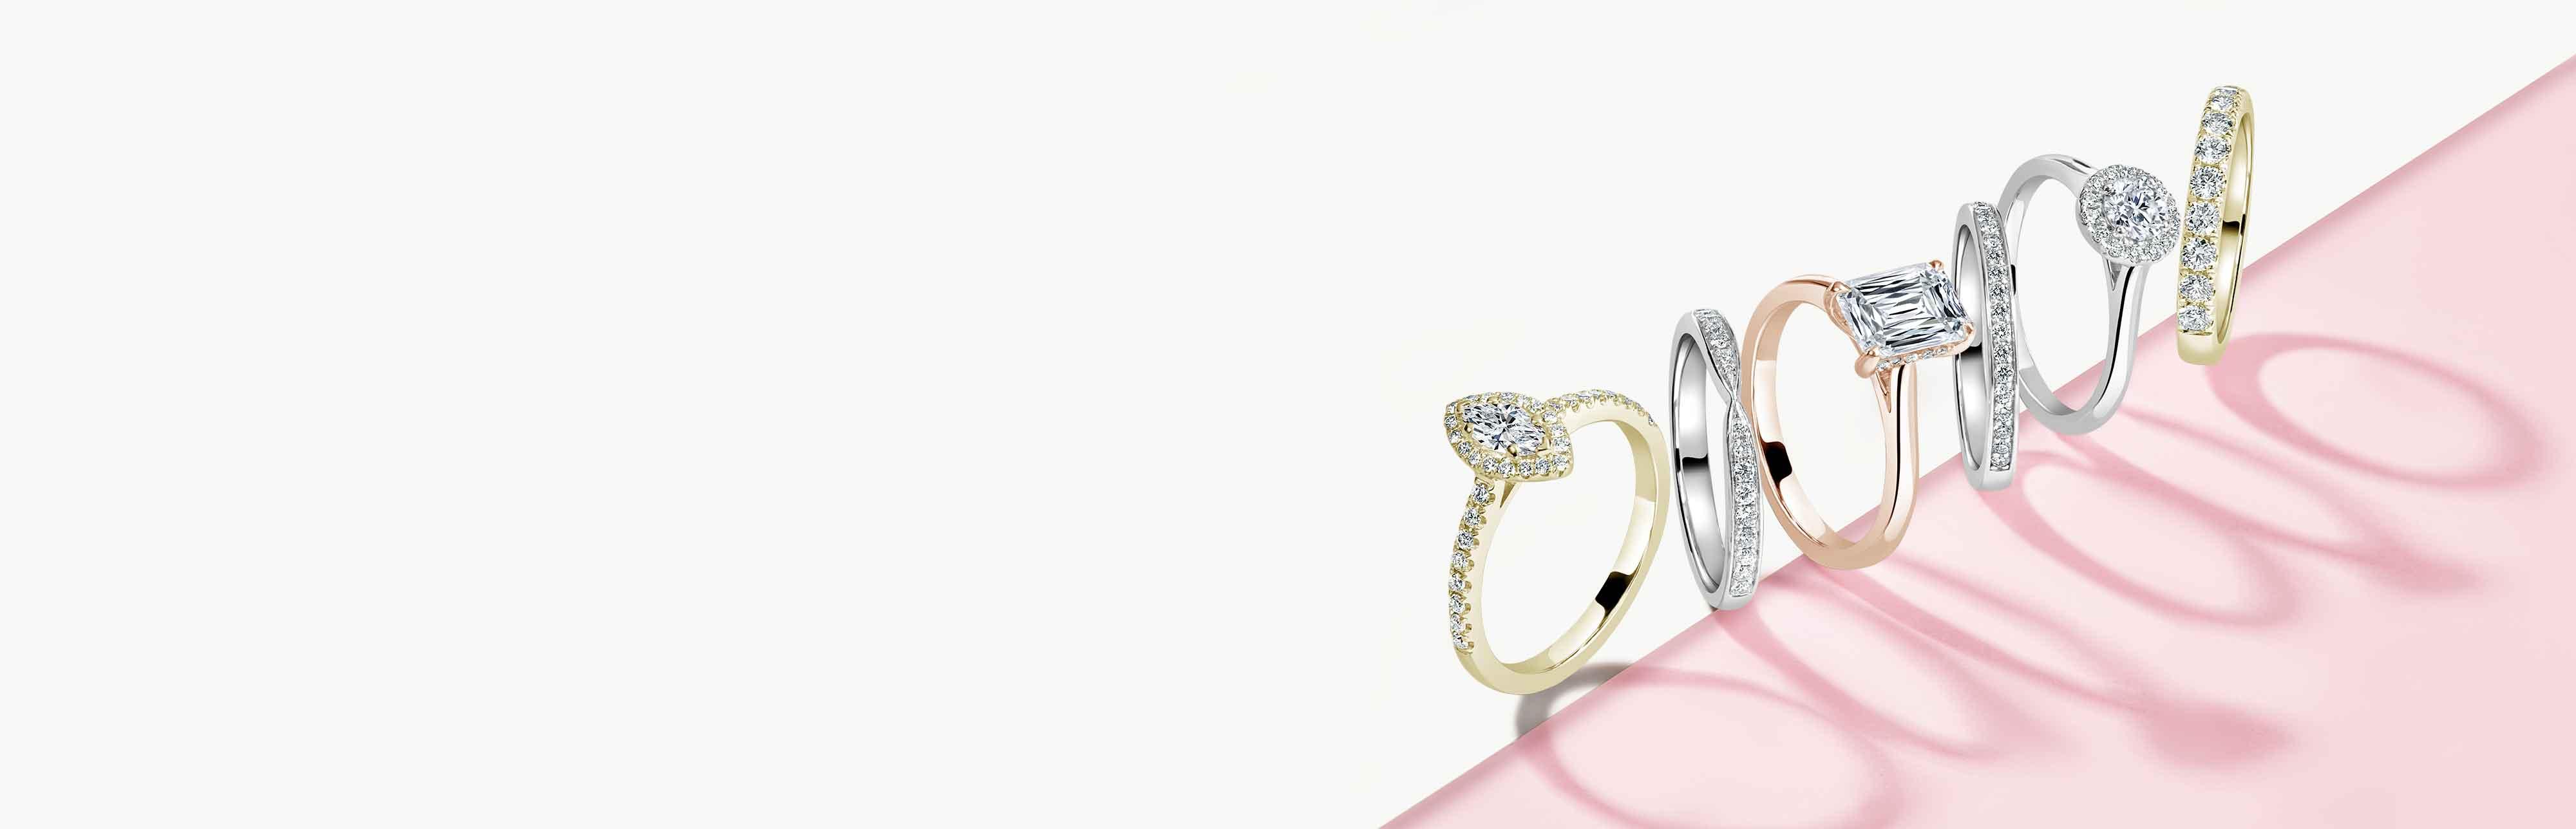 Rose Gold Asscher Cut Engagement Rings - Steven Stone